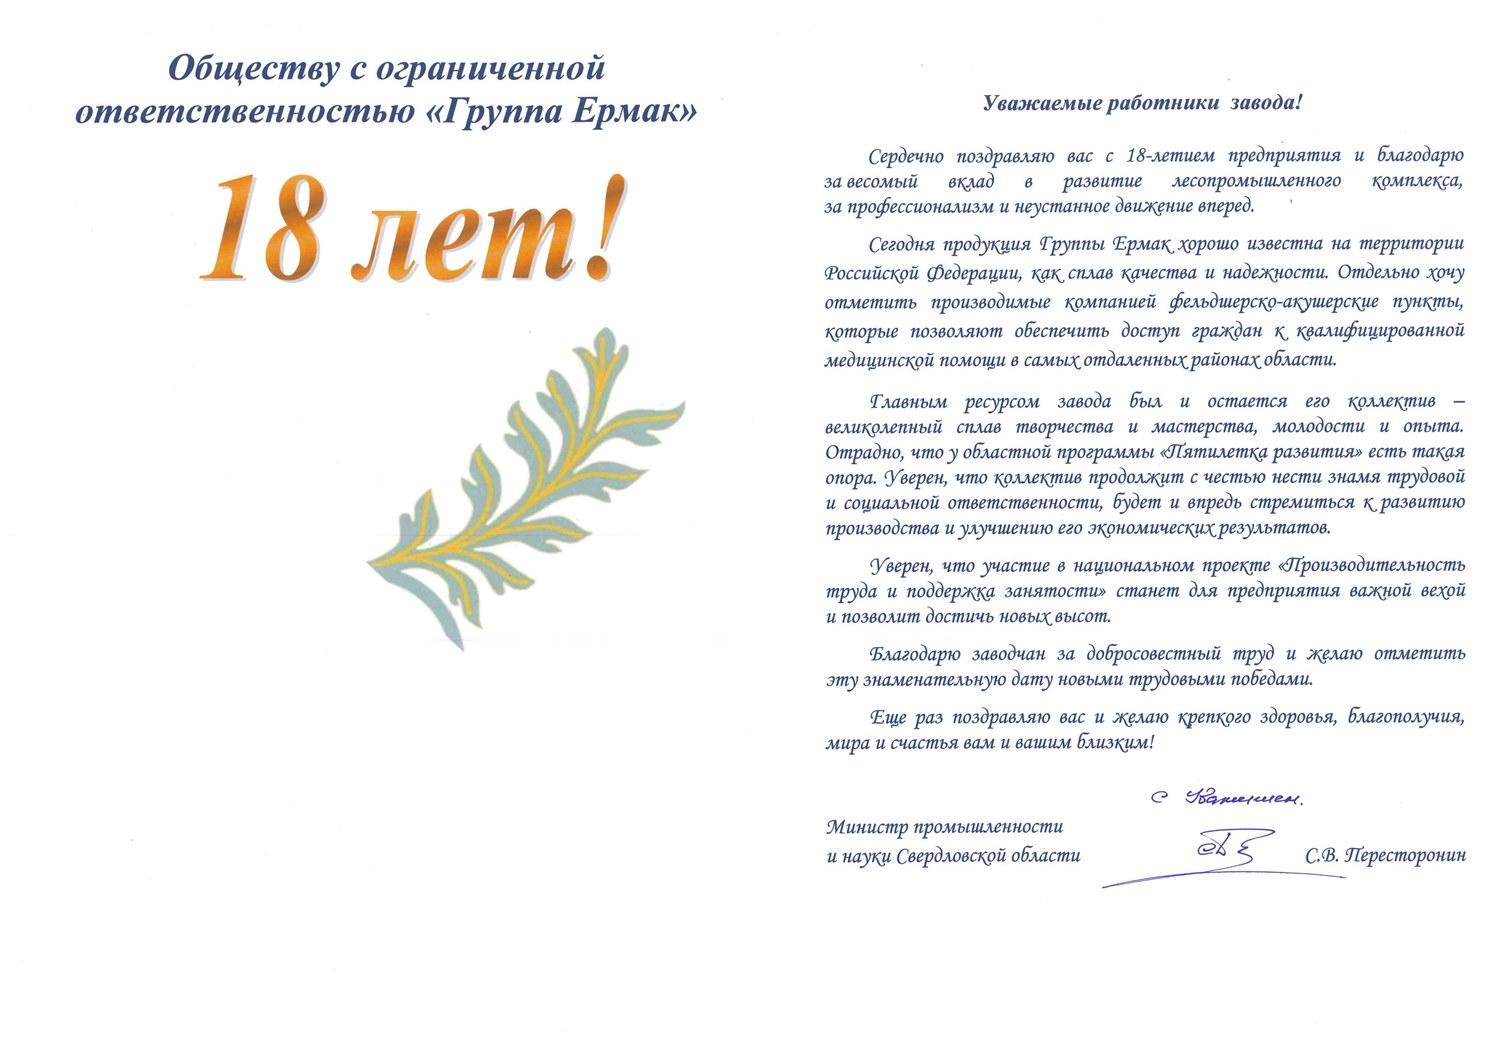 Поздравление министра в газете